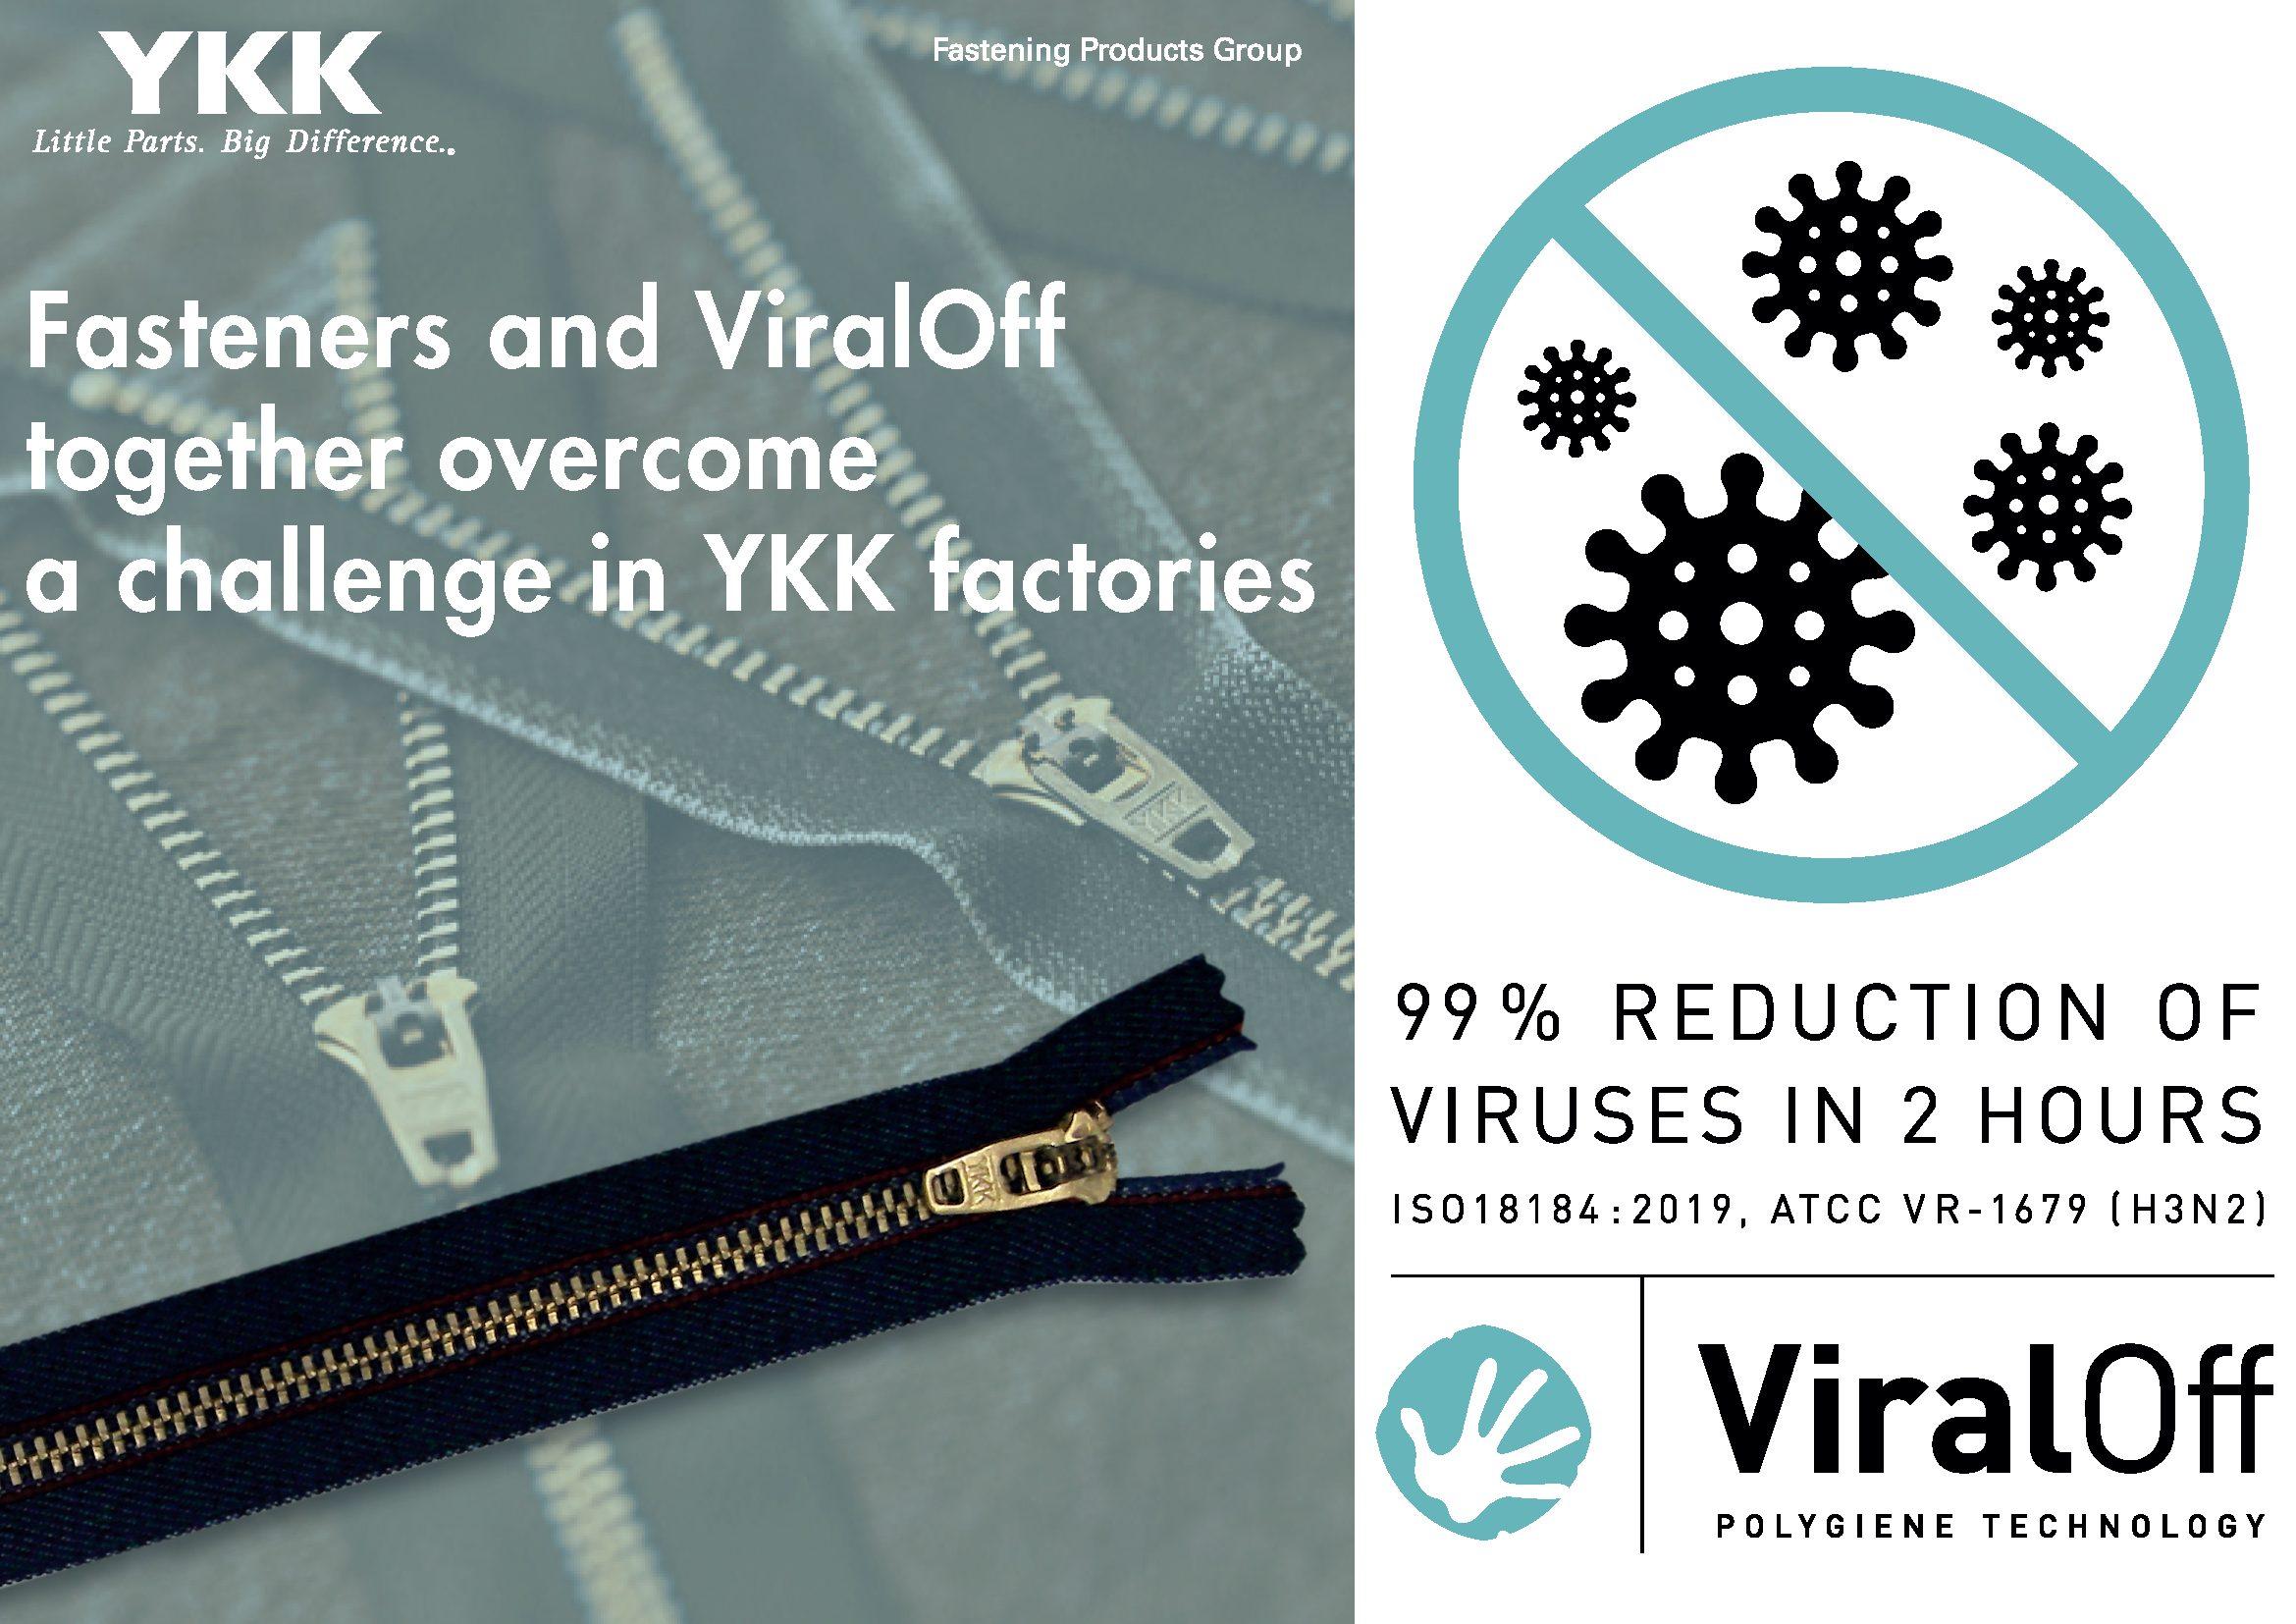 viraloff_ykk_sida_2